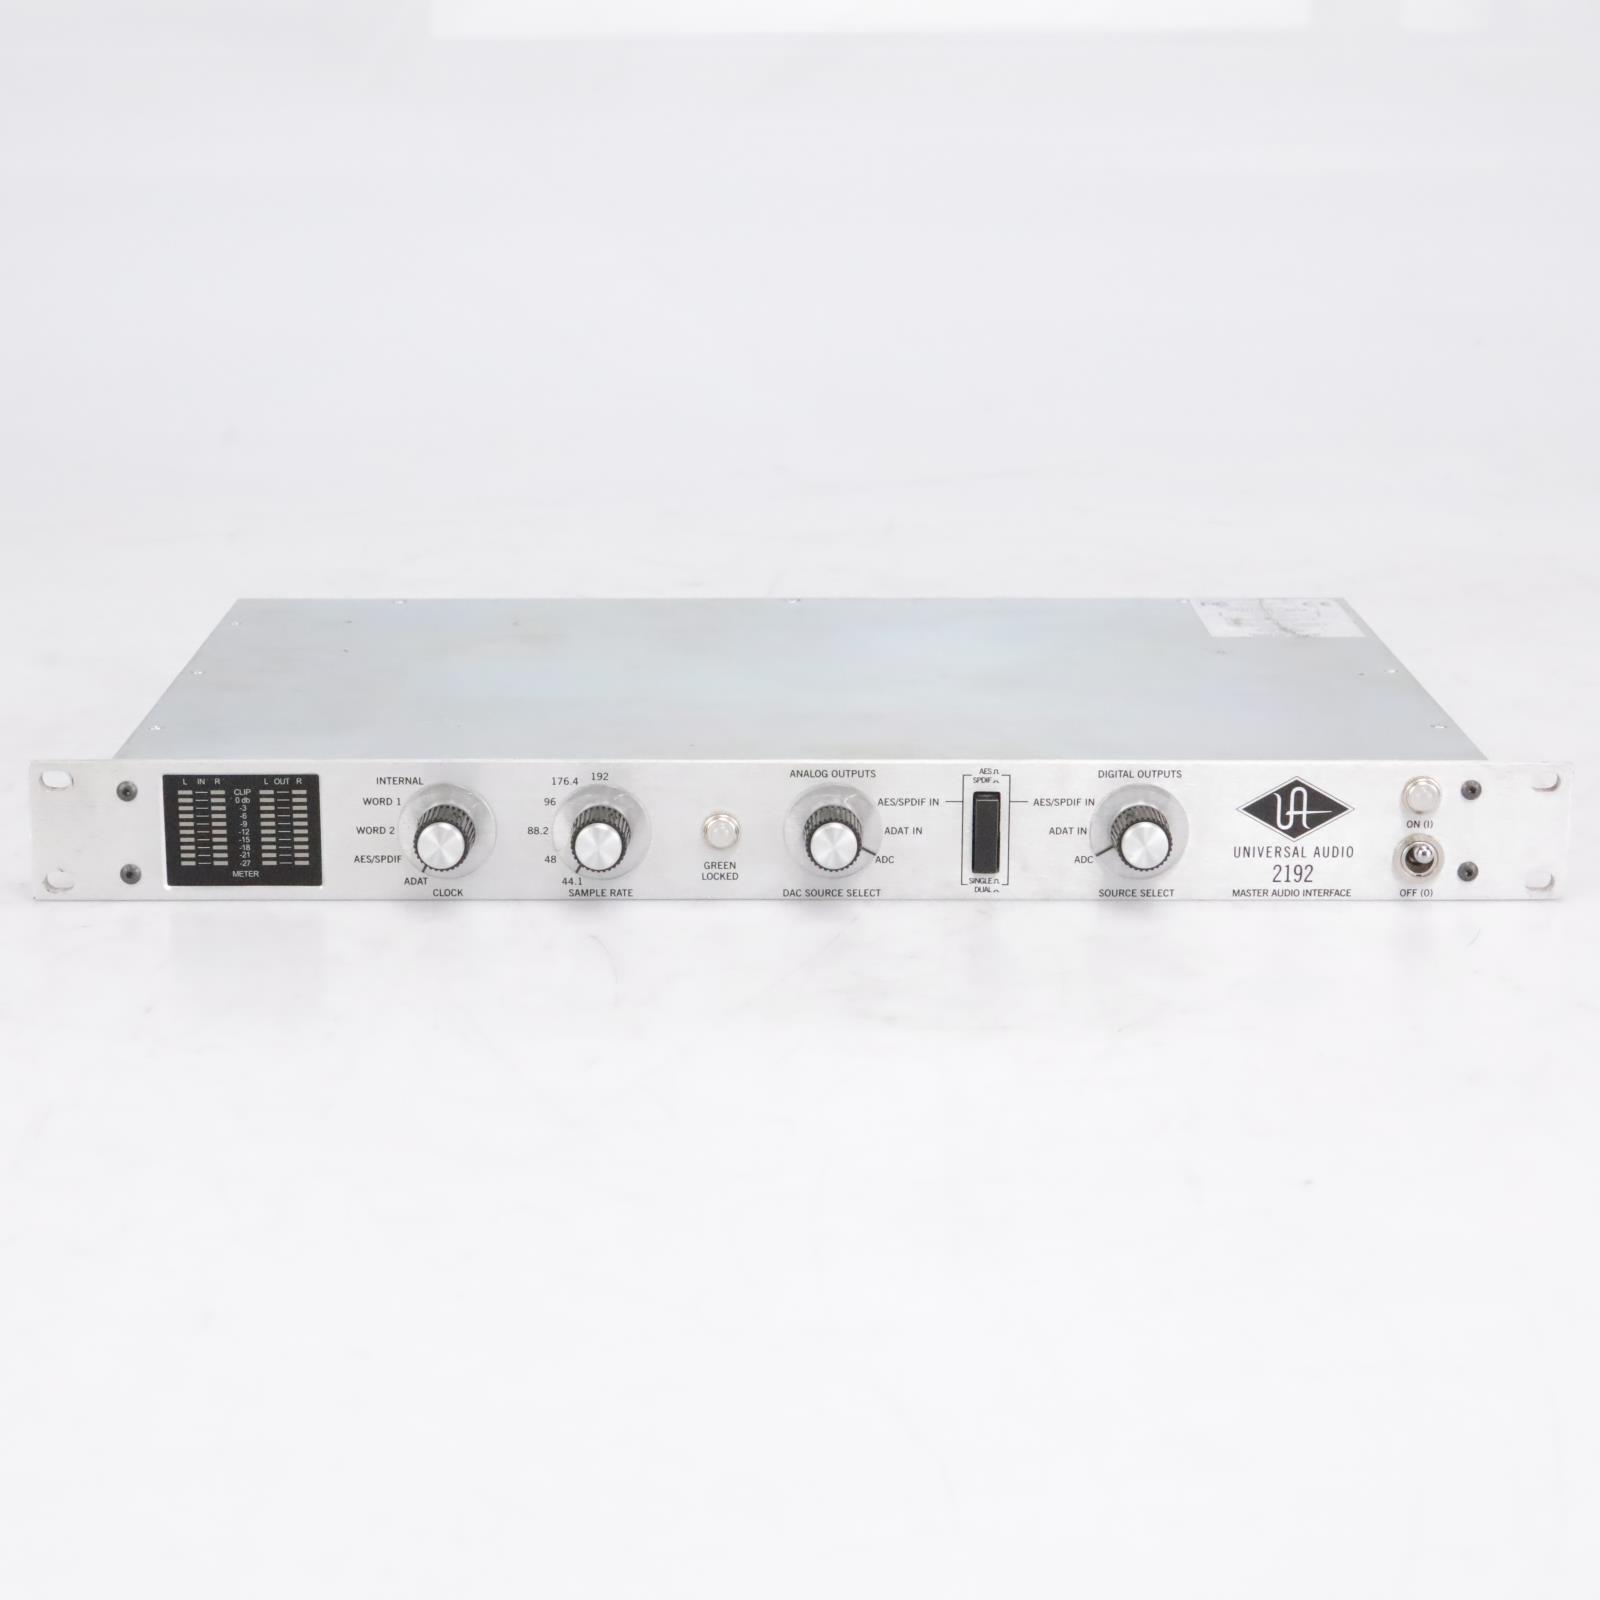 Universal Audio 2192 Master Audio Interface A‑D D‑A Converter / Clock #42584